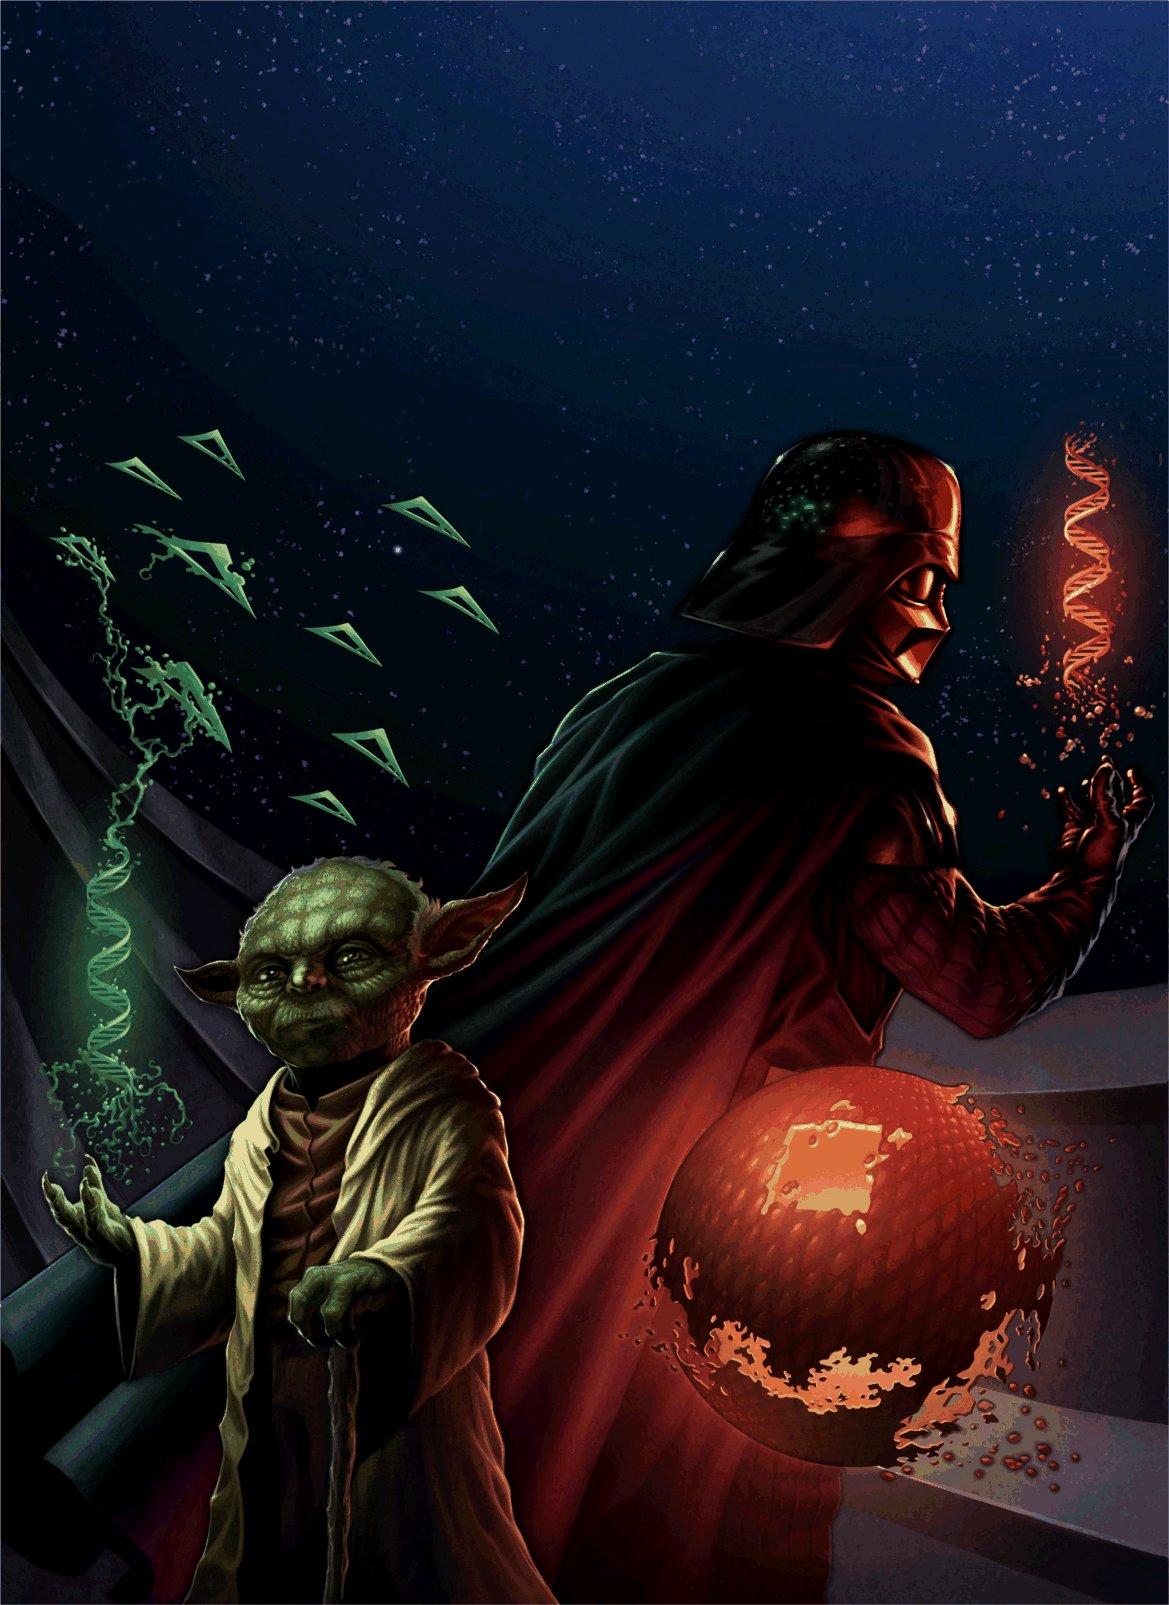 Yoda-DarthVader-AbsolutePlacement-2017.jpg